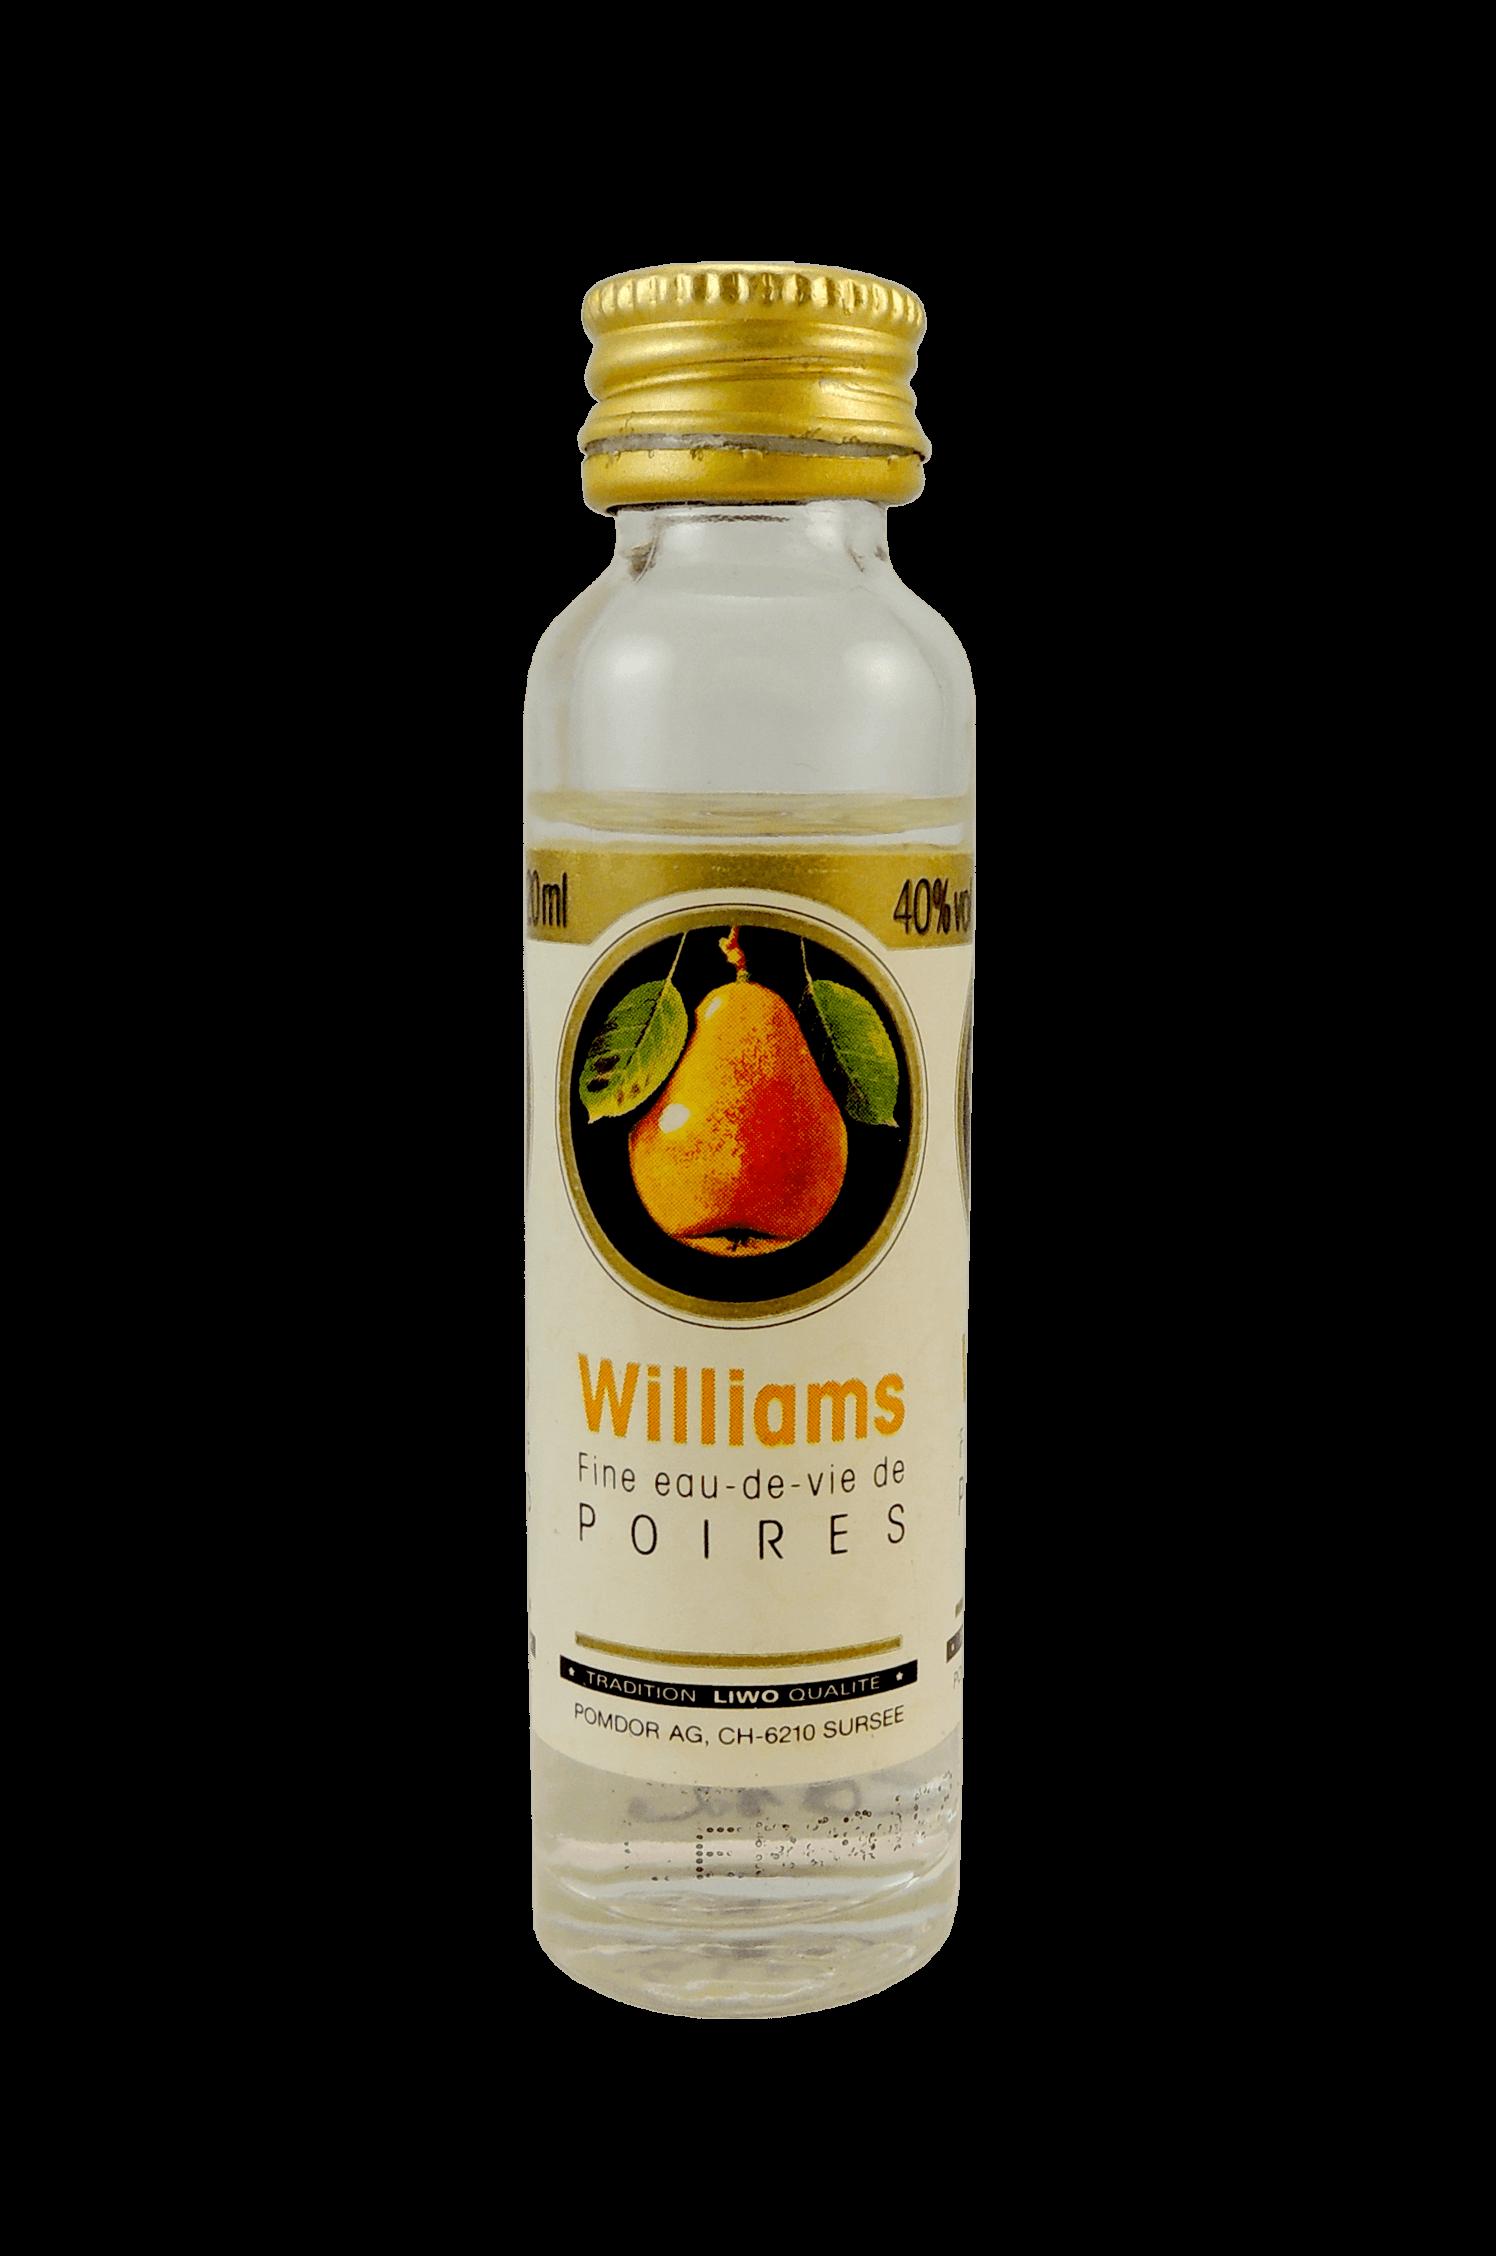 Williams Poires